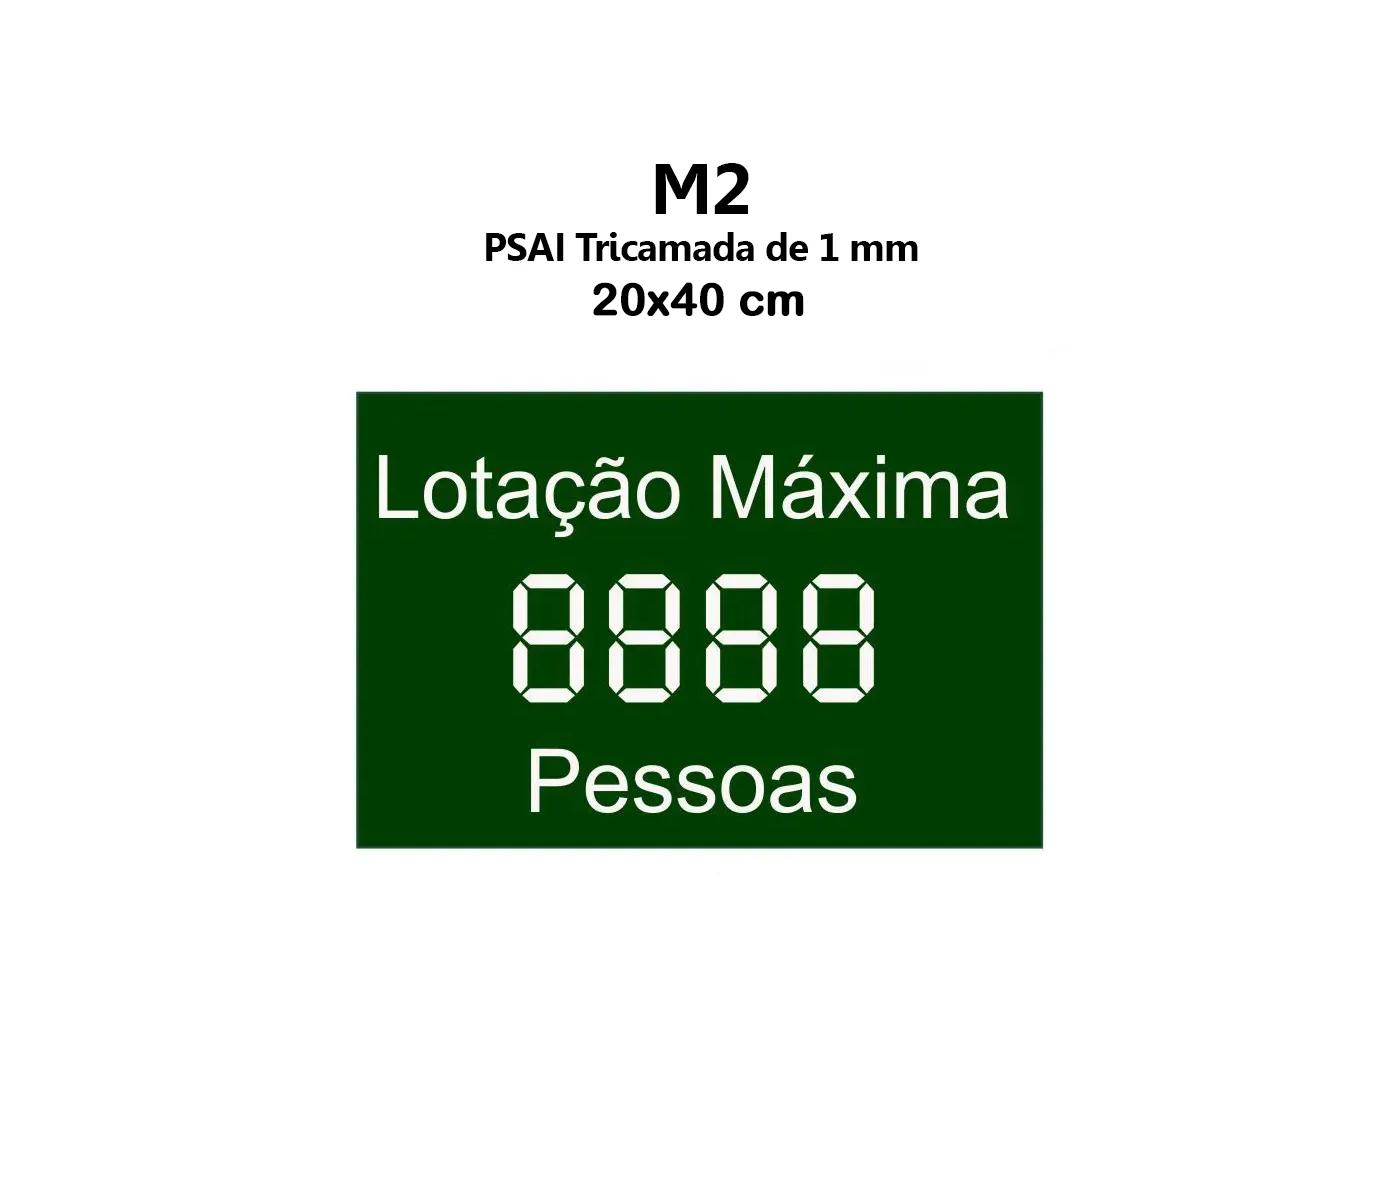 Placa M2 Lotação Máxima